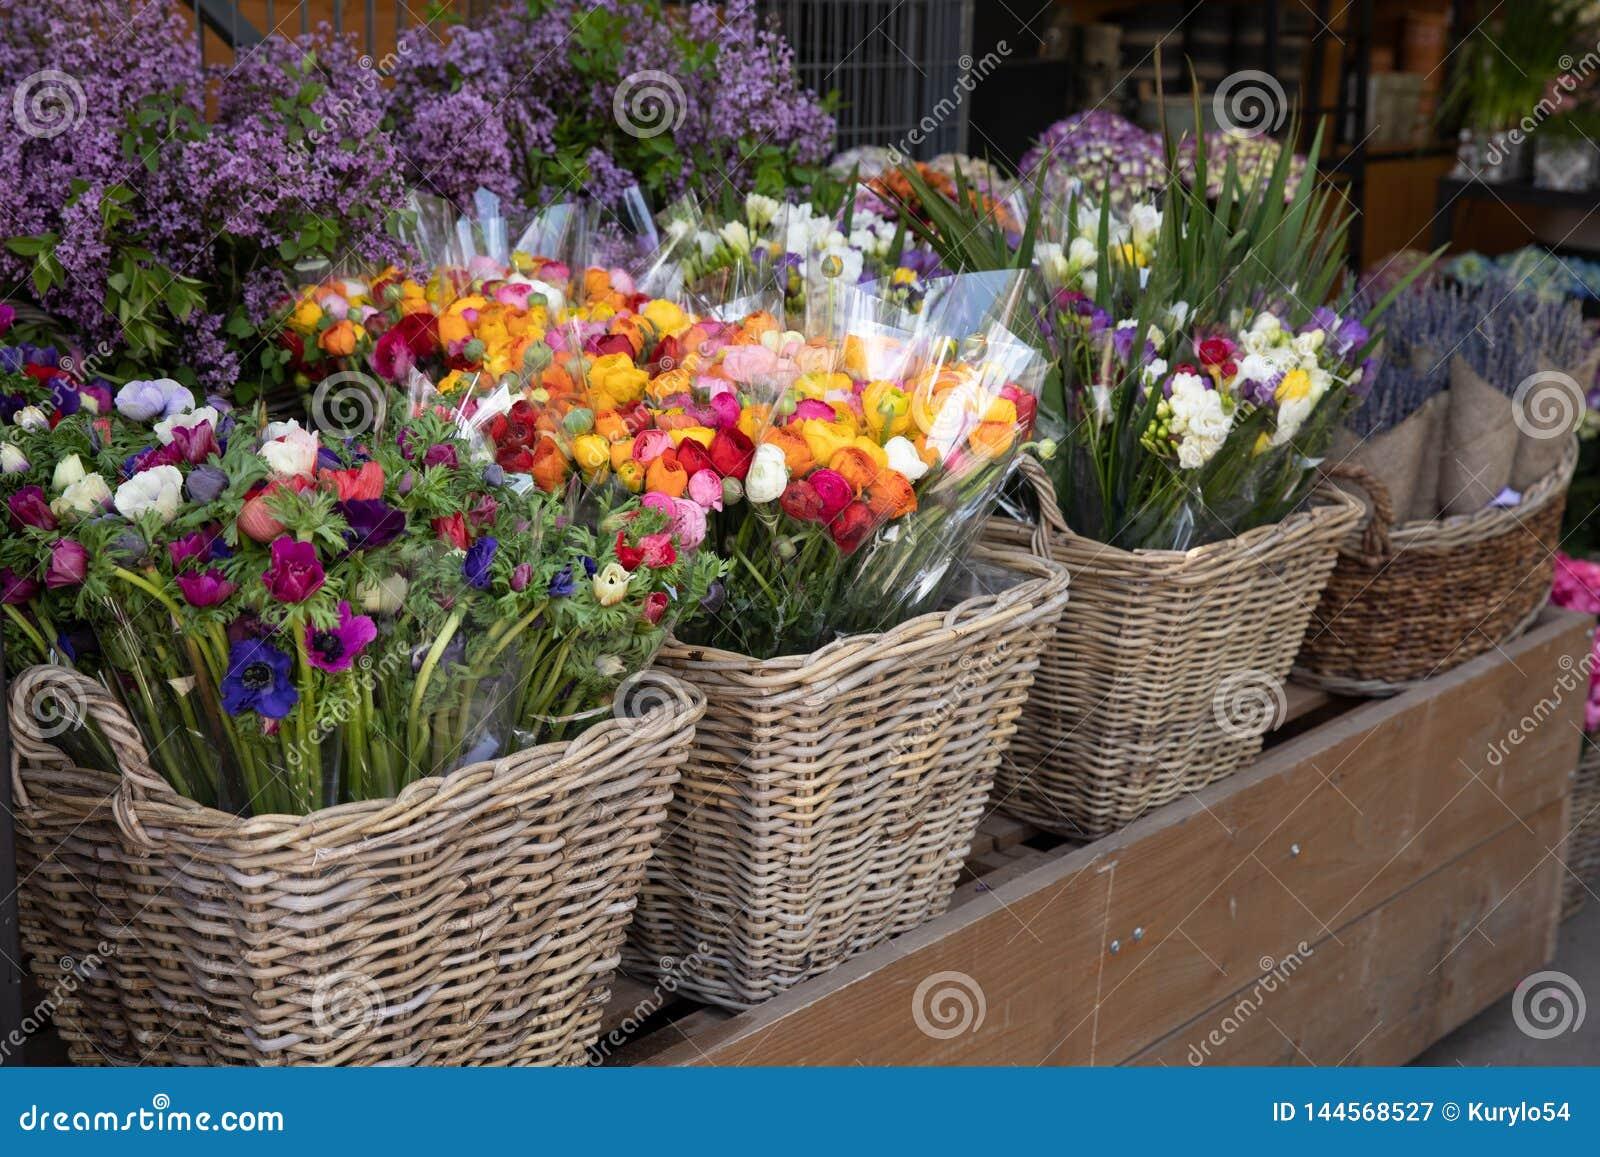 Dagliga blommor kontrar med variation av nya klippta blommor liksom anemoncoronaria, persiska sm?rblommor, freesia